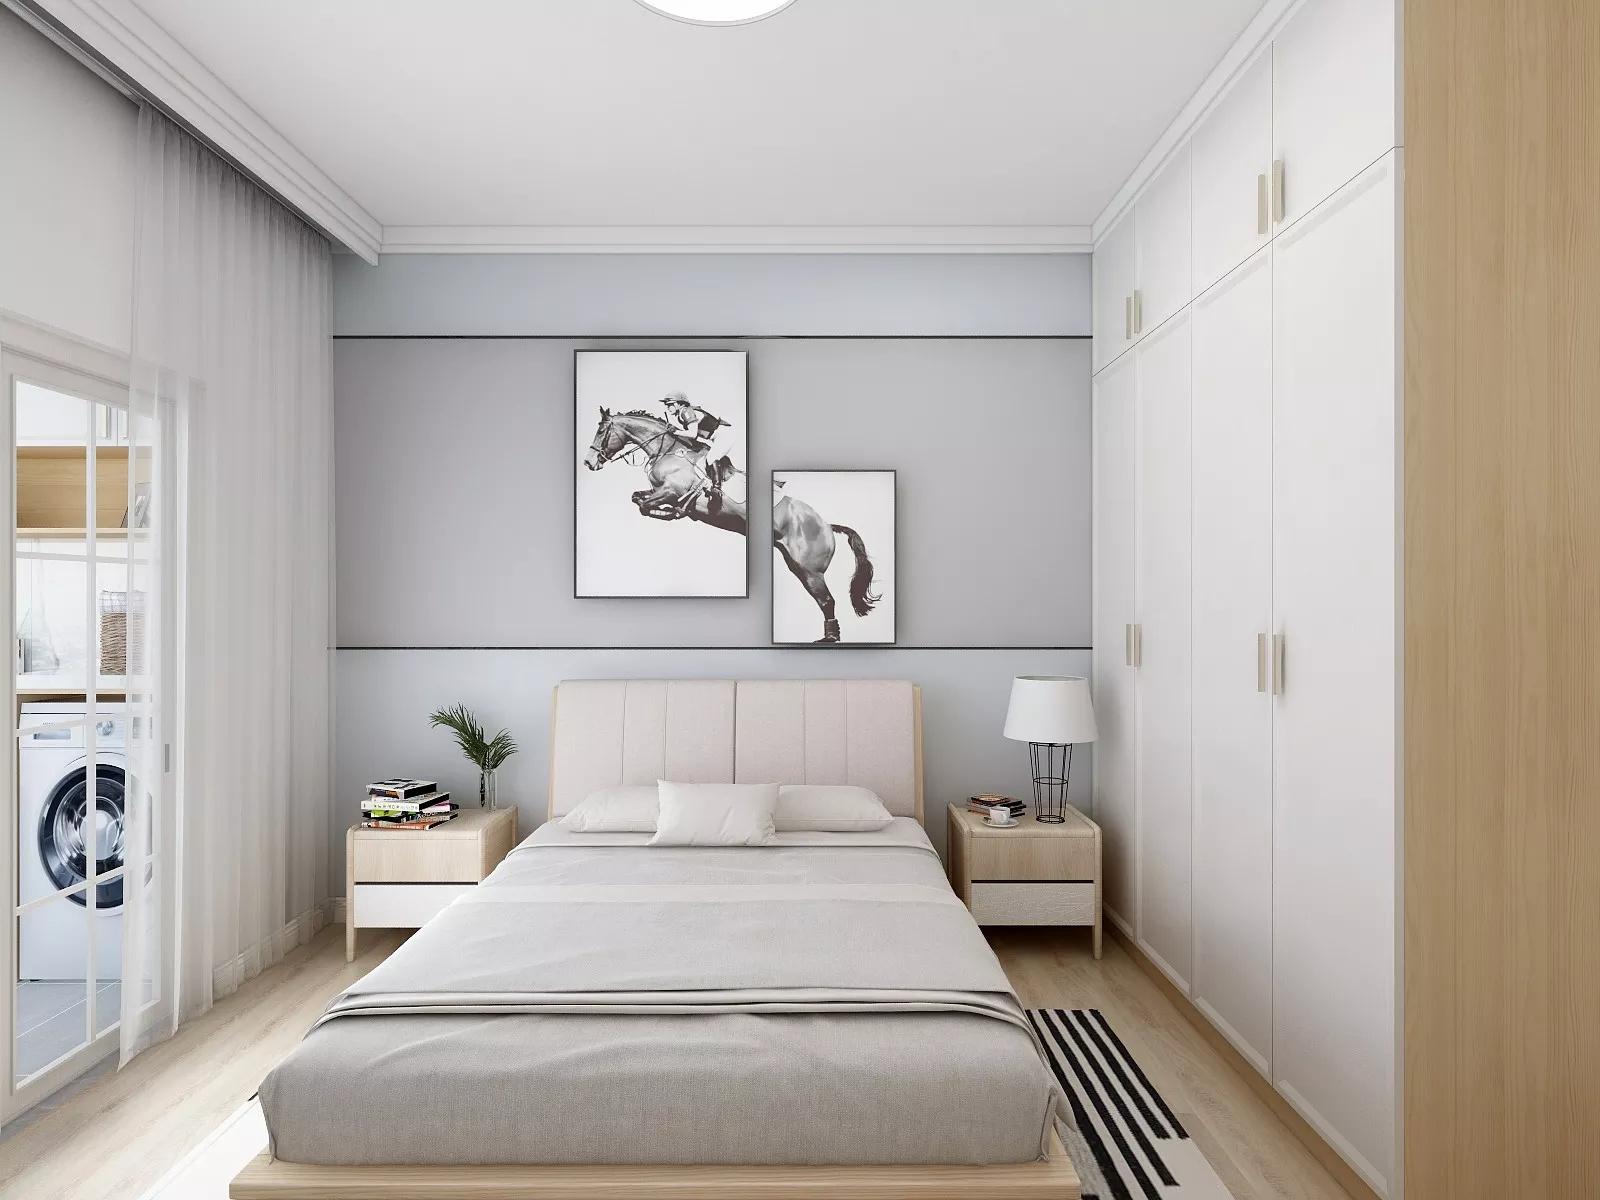 室内吊顶吸音板材料有哪些种类?吊顶吸音板类型有什么?